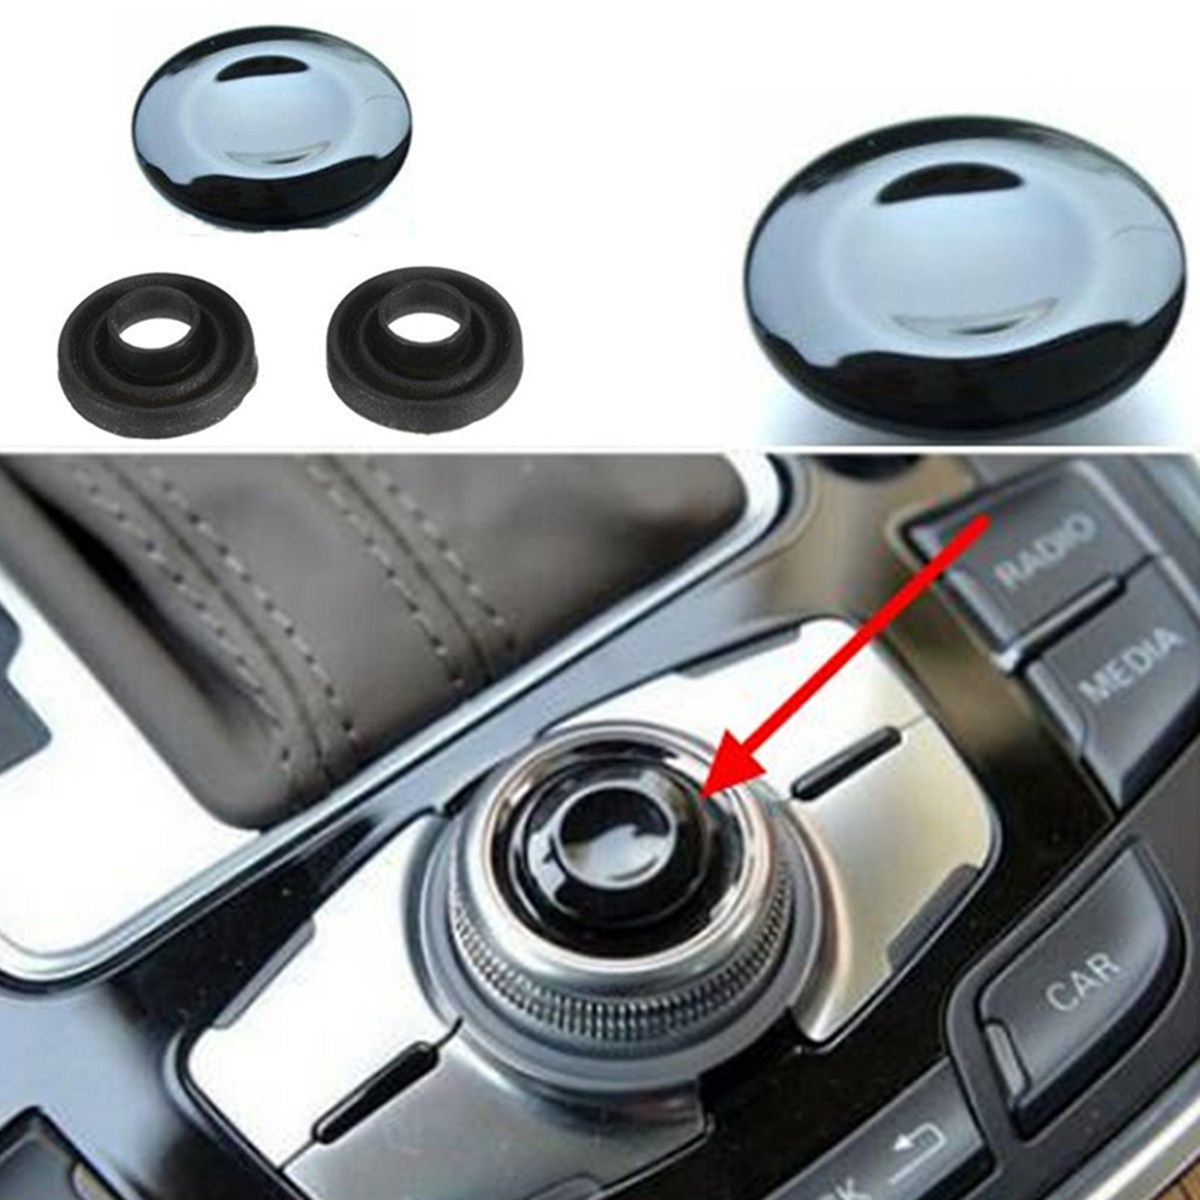 MMI Knob Joystick Button Cap Cover Repair Kit For Audi A4 A5 A6 Q5 Q7 S5 S6 S8 Cabriolet Sedan Avant pochette étanche pour téléphone